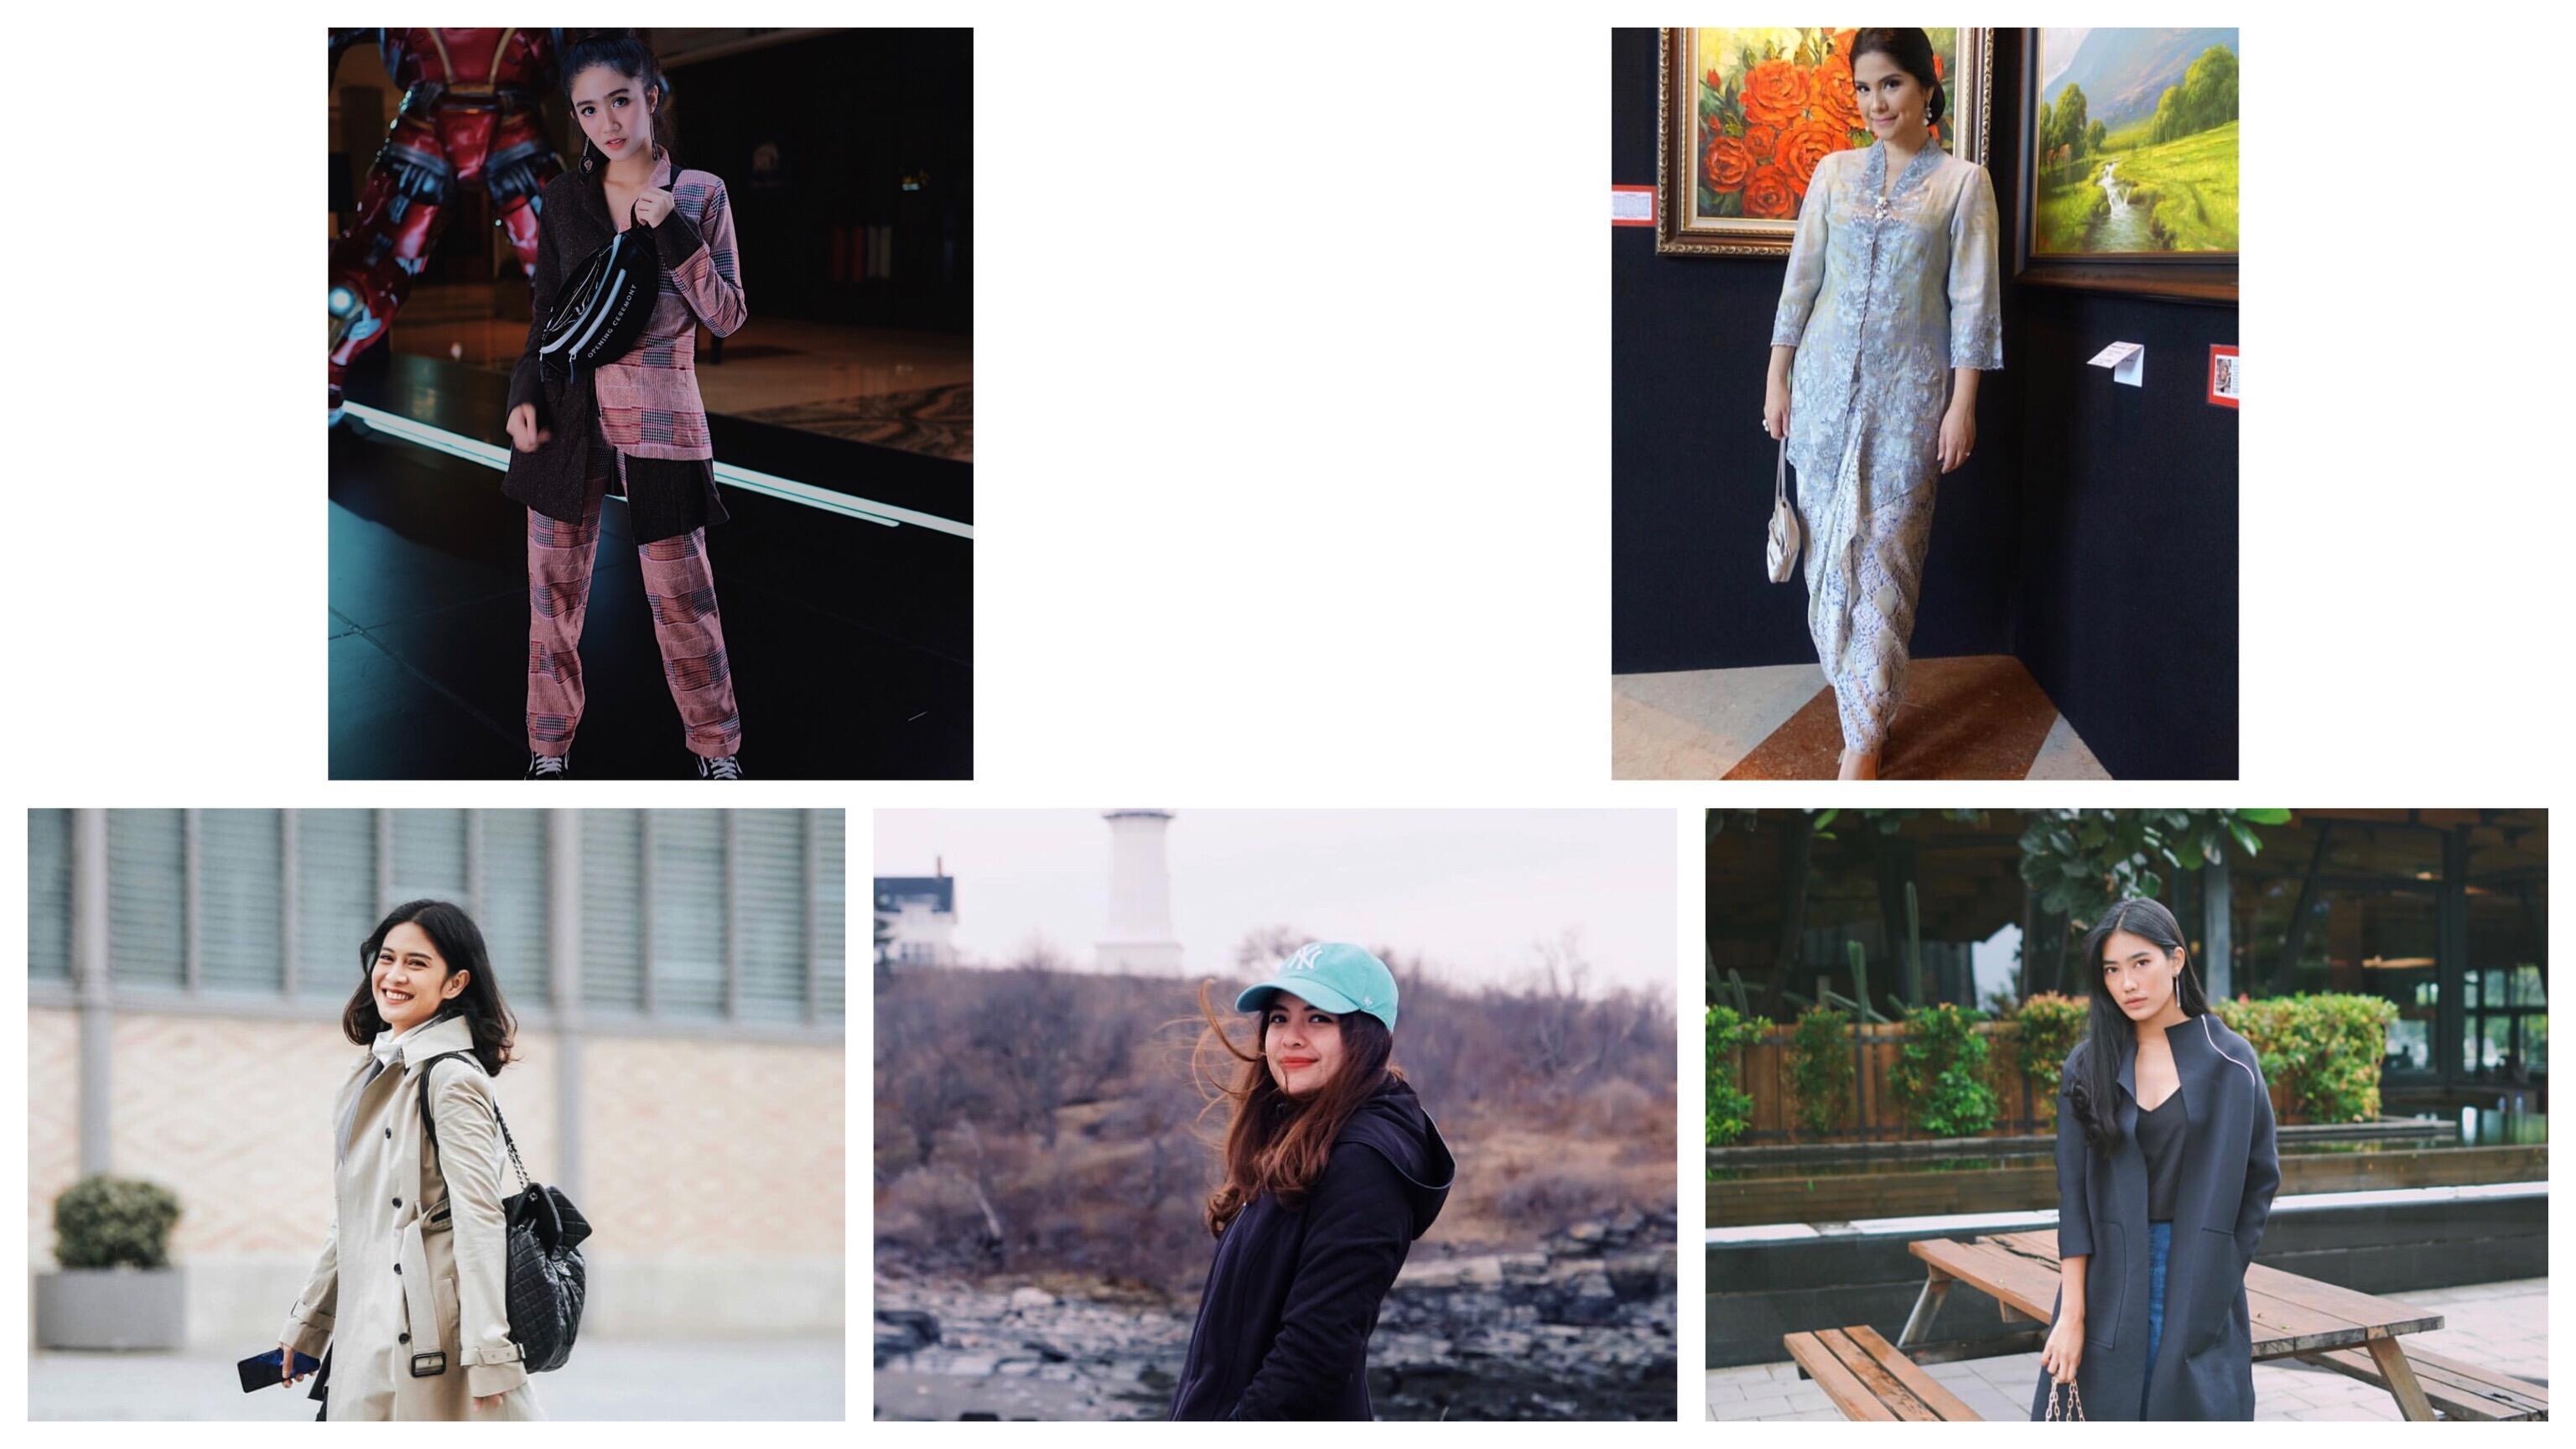 Pintar dan Cantik, 5 Artis Ini Lulusan Universitas Indonesia